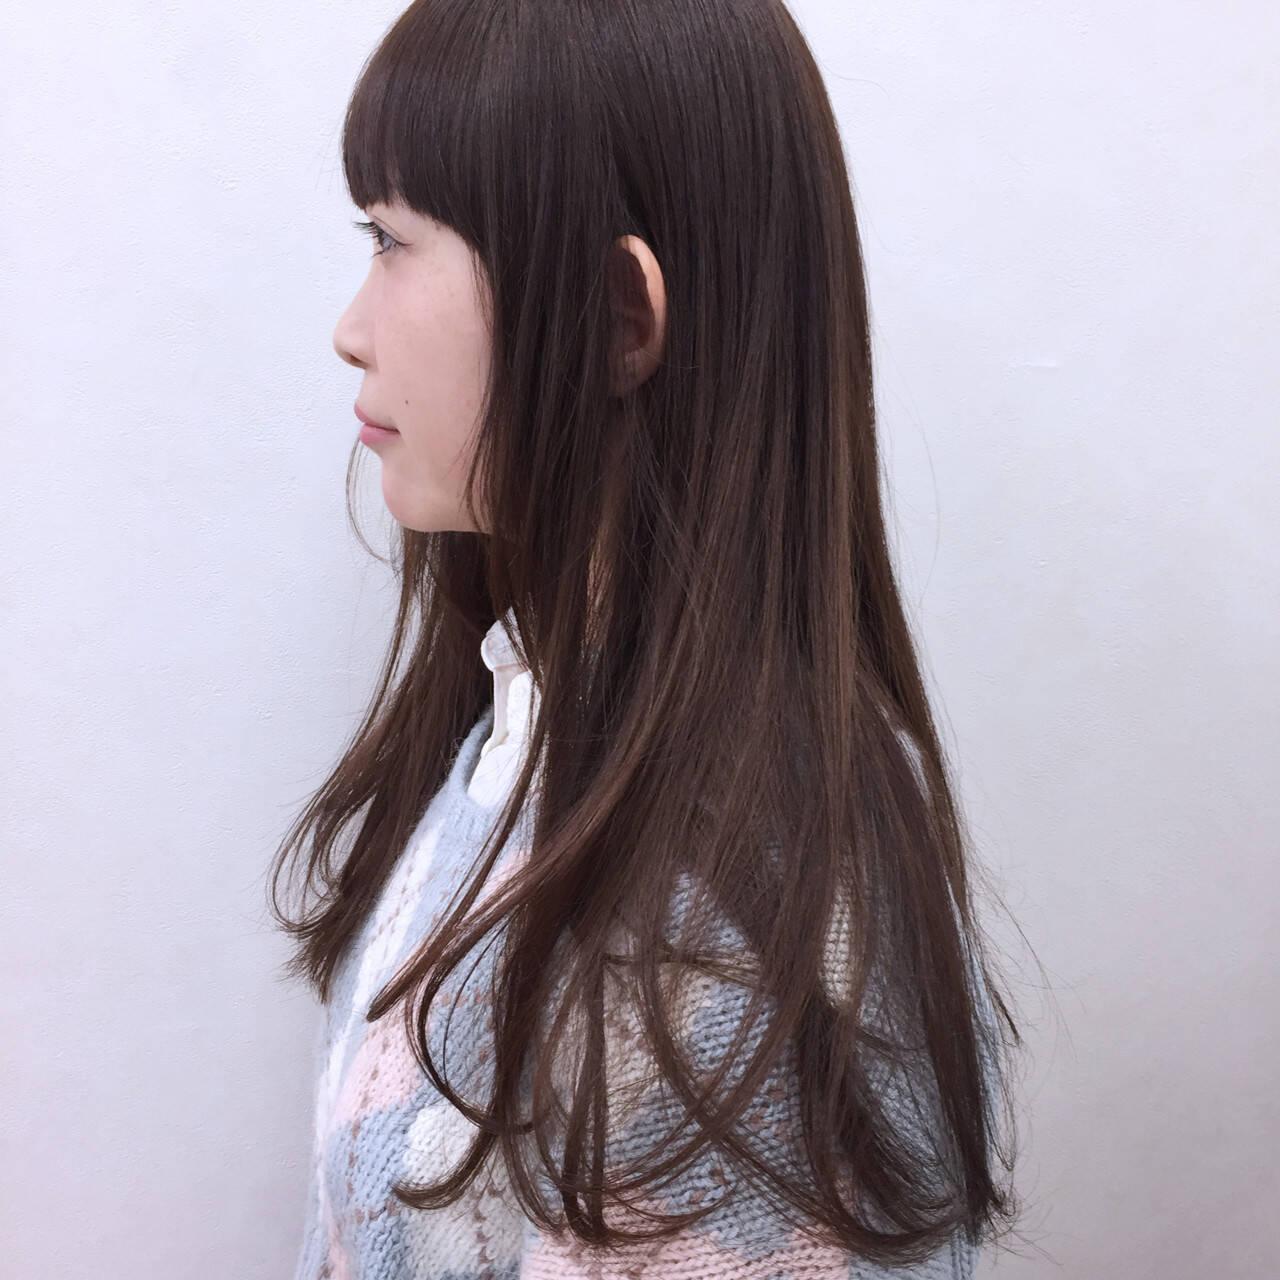 グラデーションカラー ガーリー ロング 前髪ありヘアスタイルや髪型の写真・画像